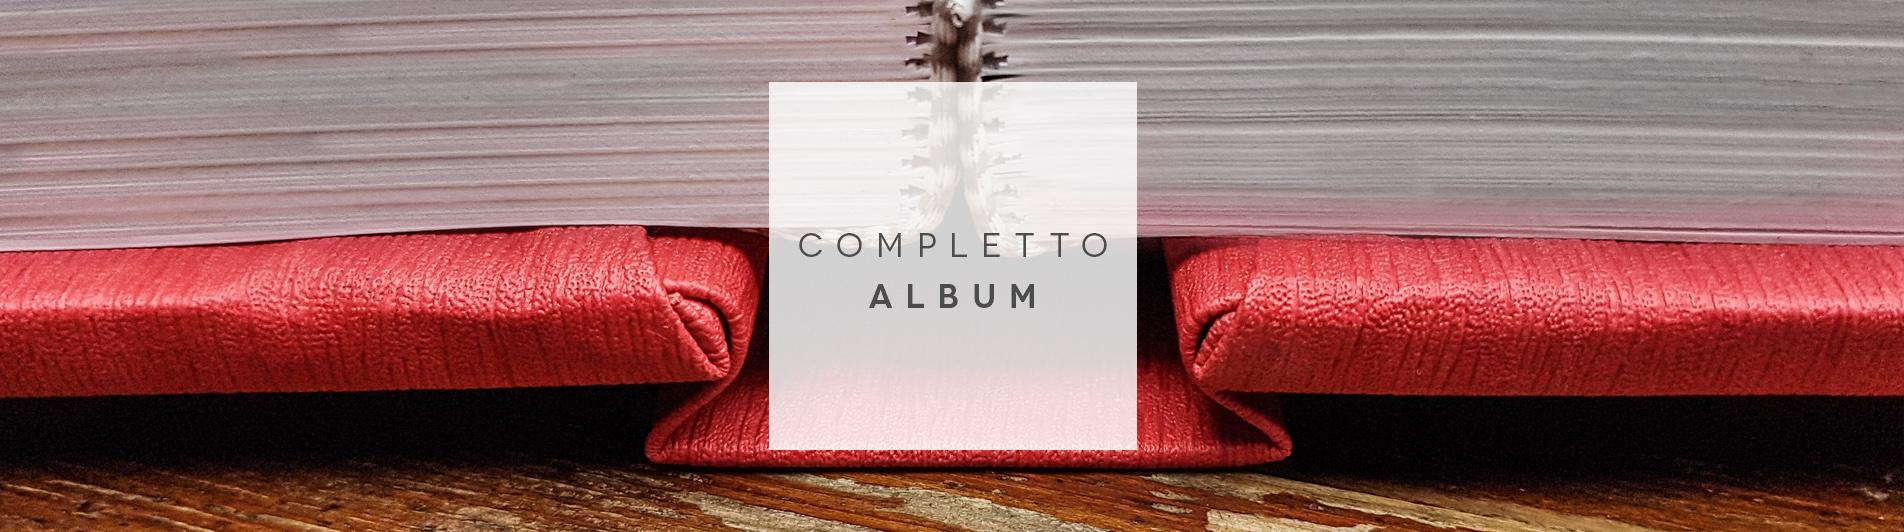 Completto album